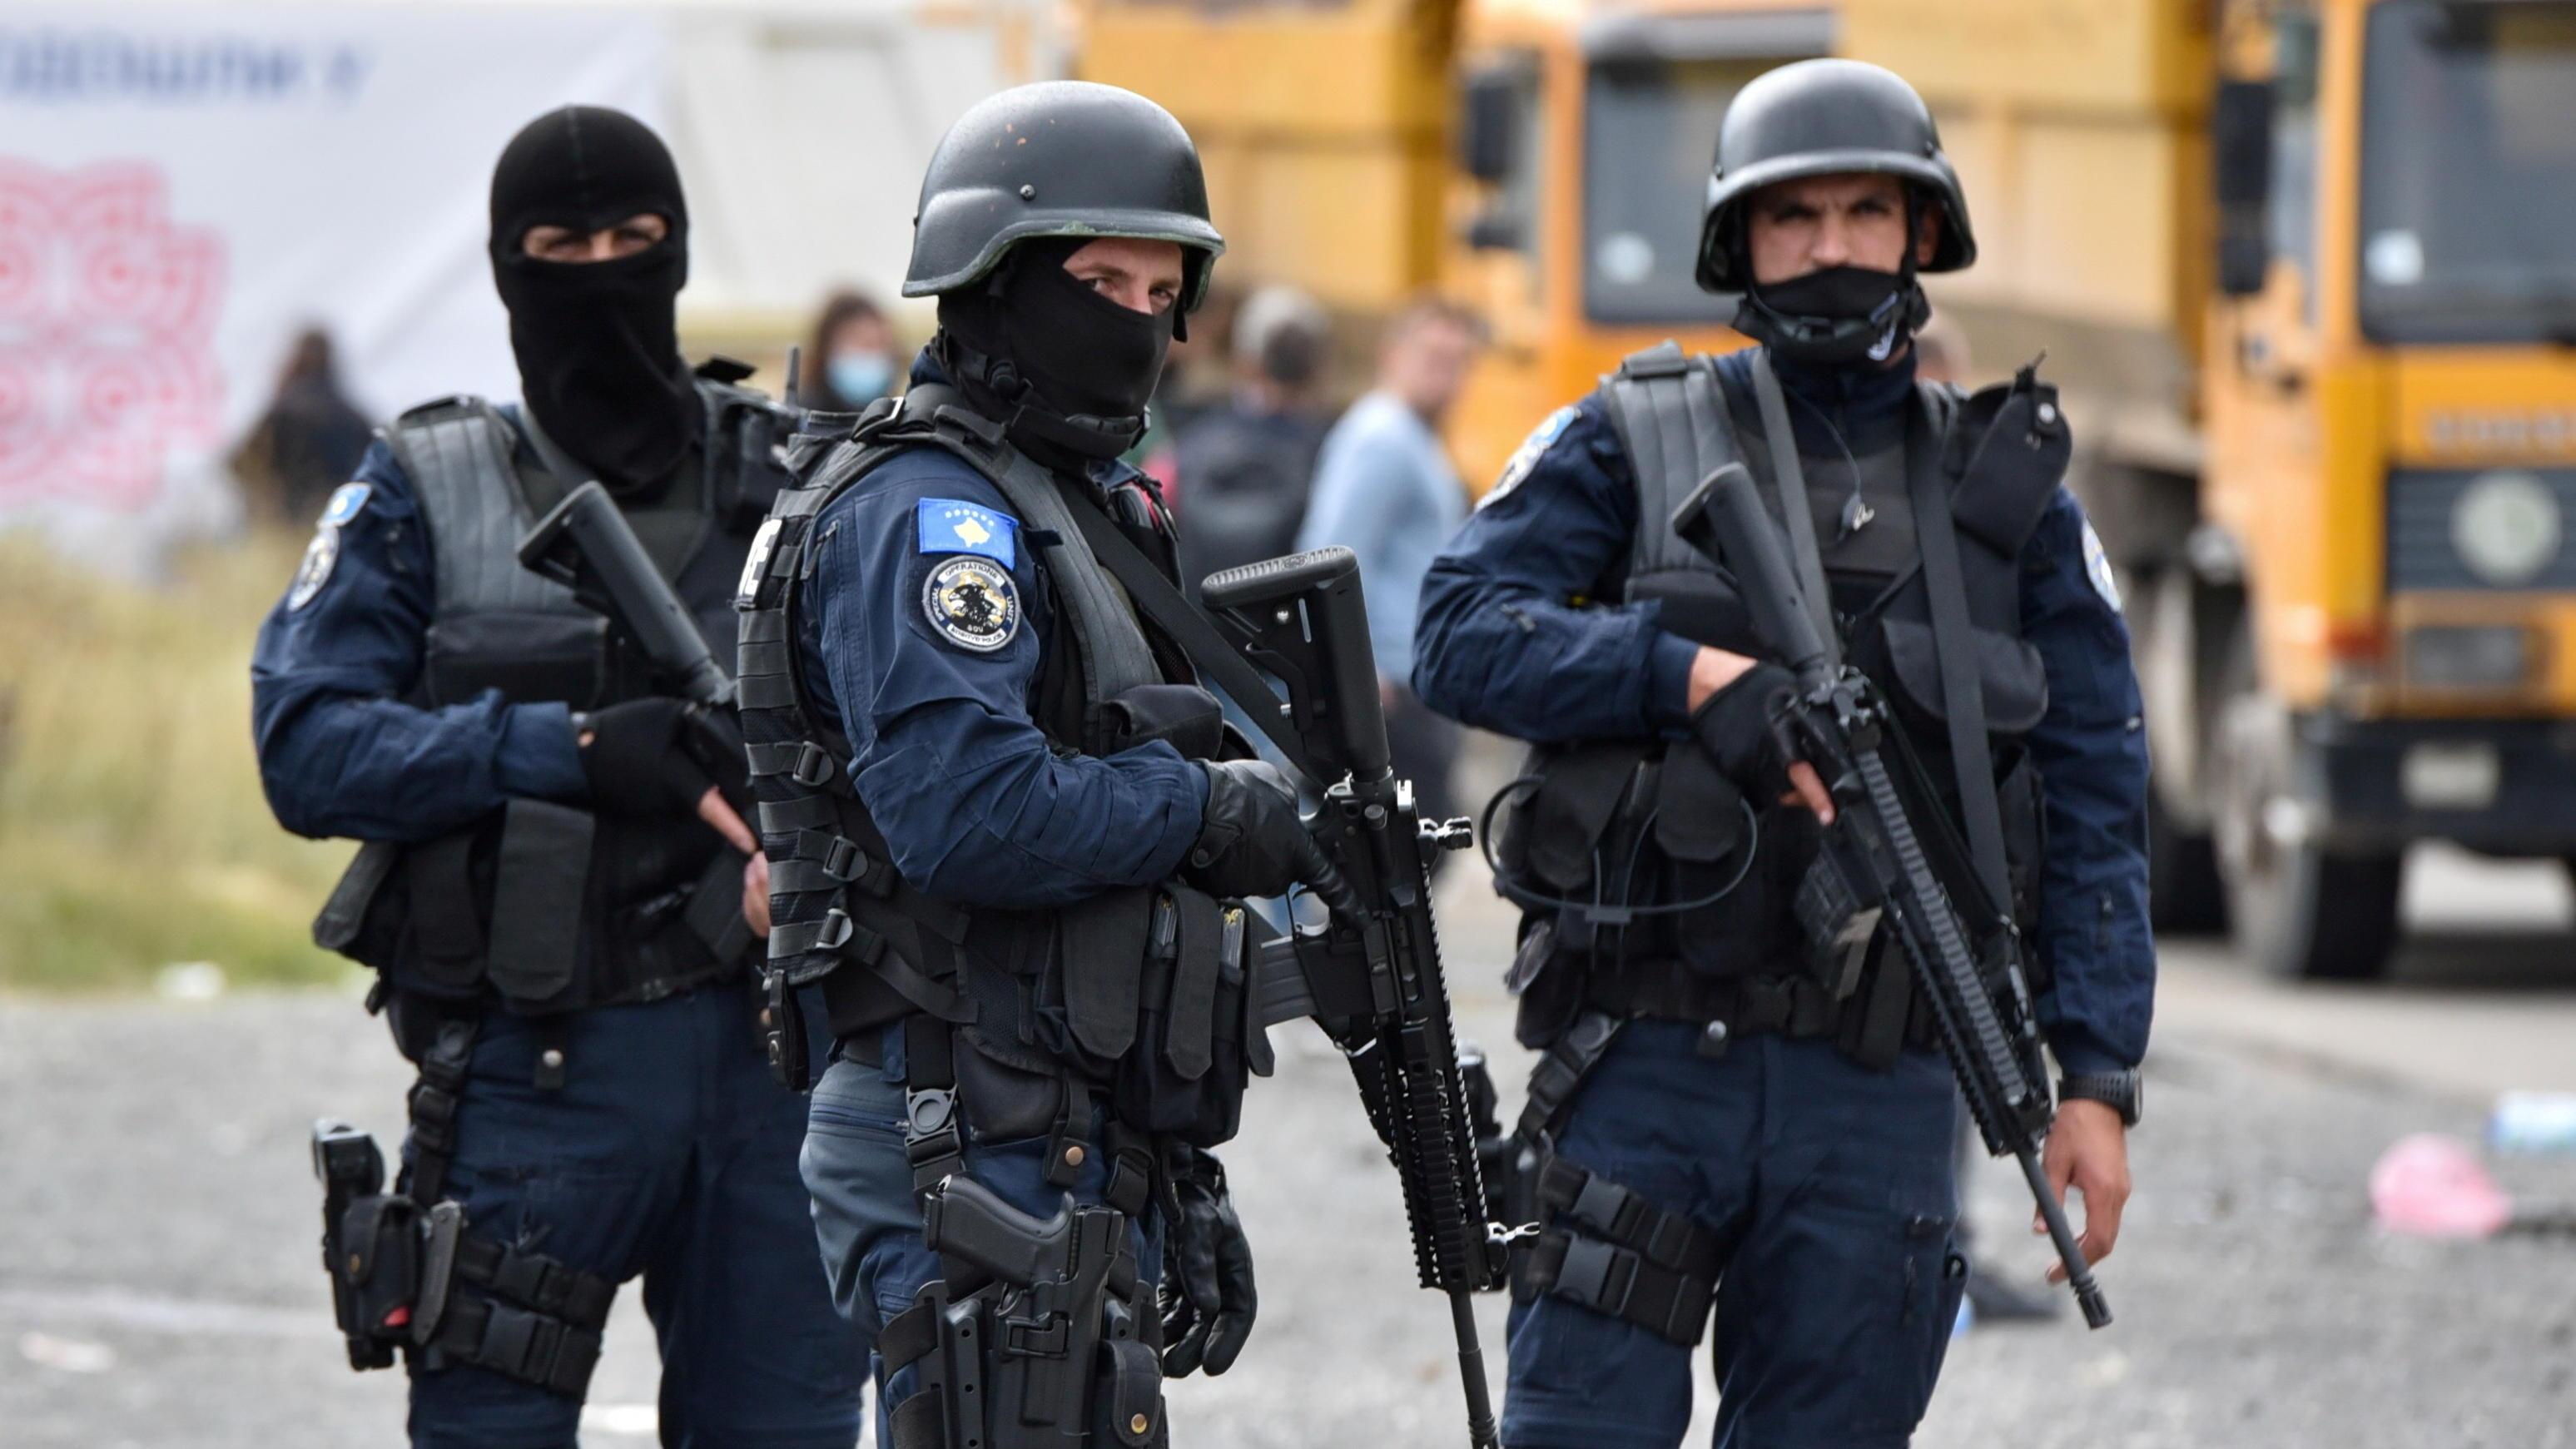 Wegen Autokennzeichen: Serben-Präsident droht Kosovo mit Krieg - und setzt NATO 24-Stunden-Ultimatum